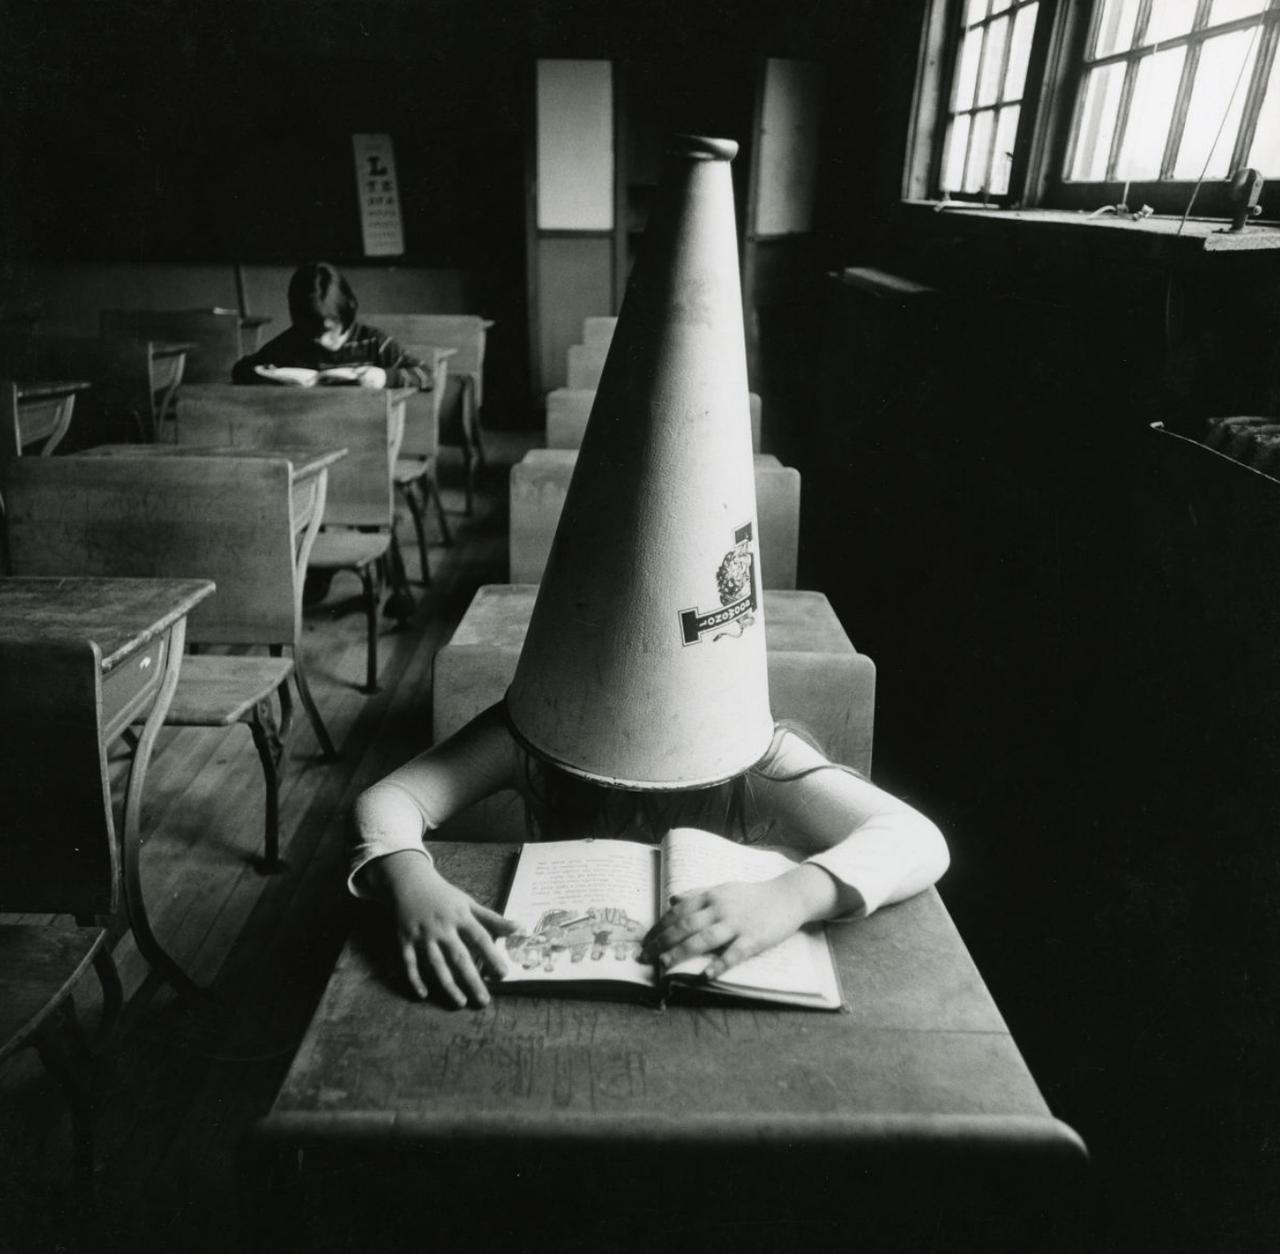 1971. Девочка в классной комнате Нью Йорк